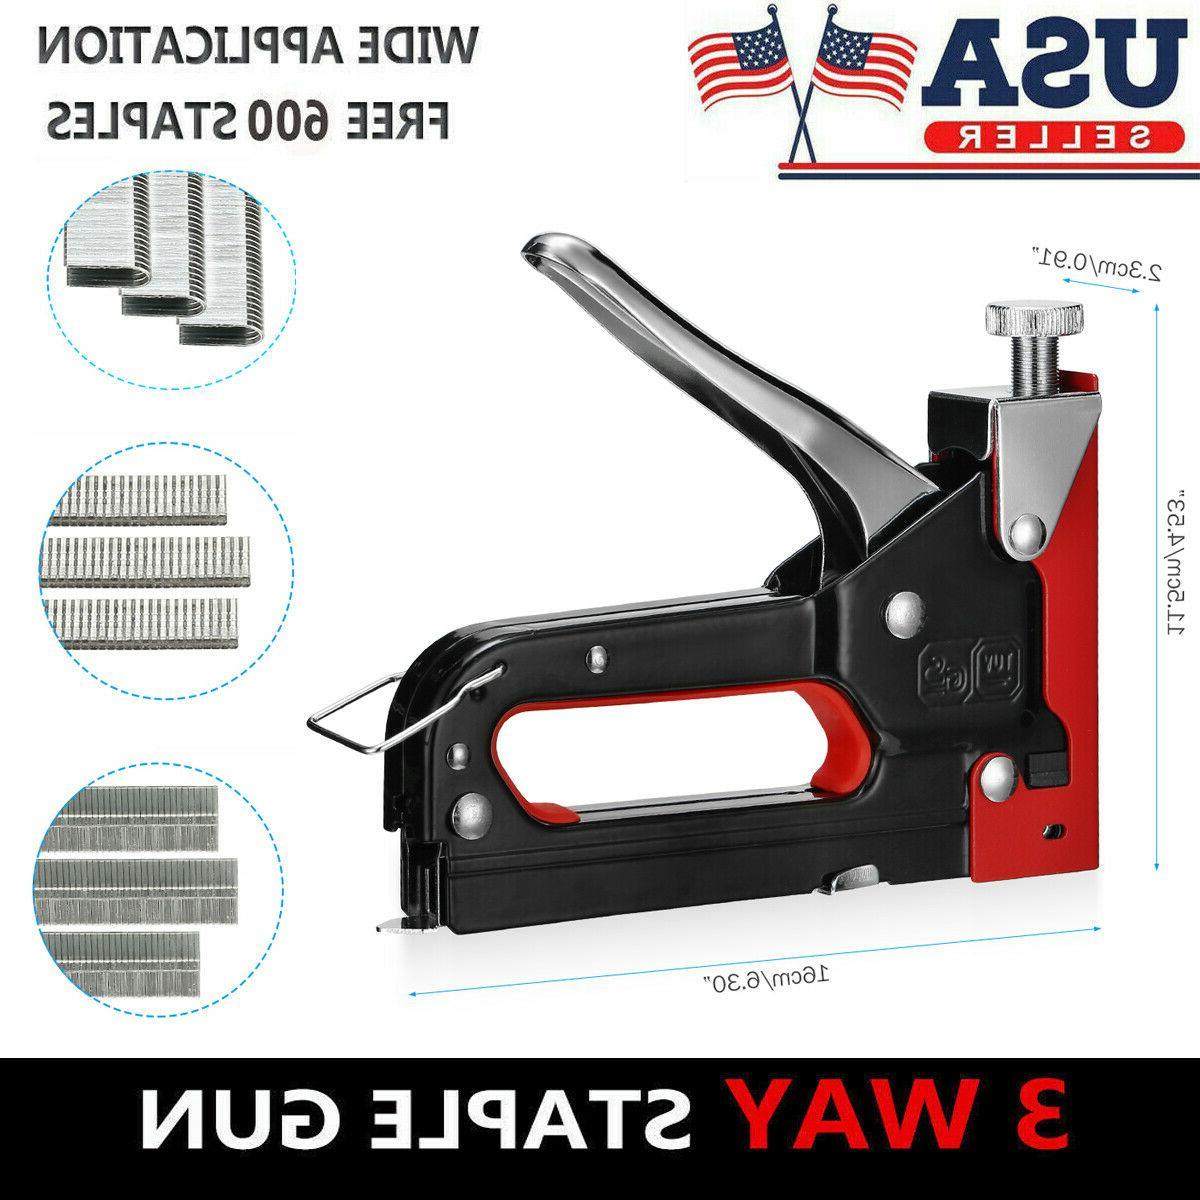 heavy duty staple gun stapler tacker 600